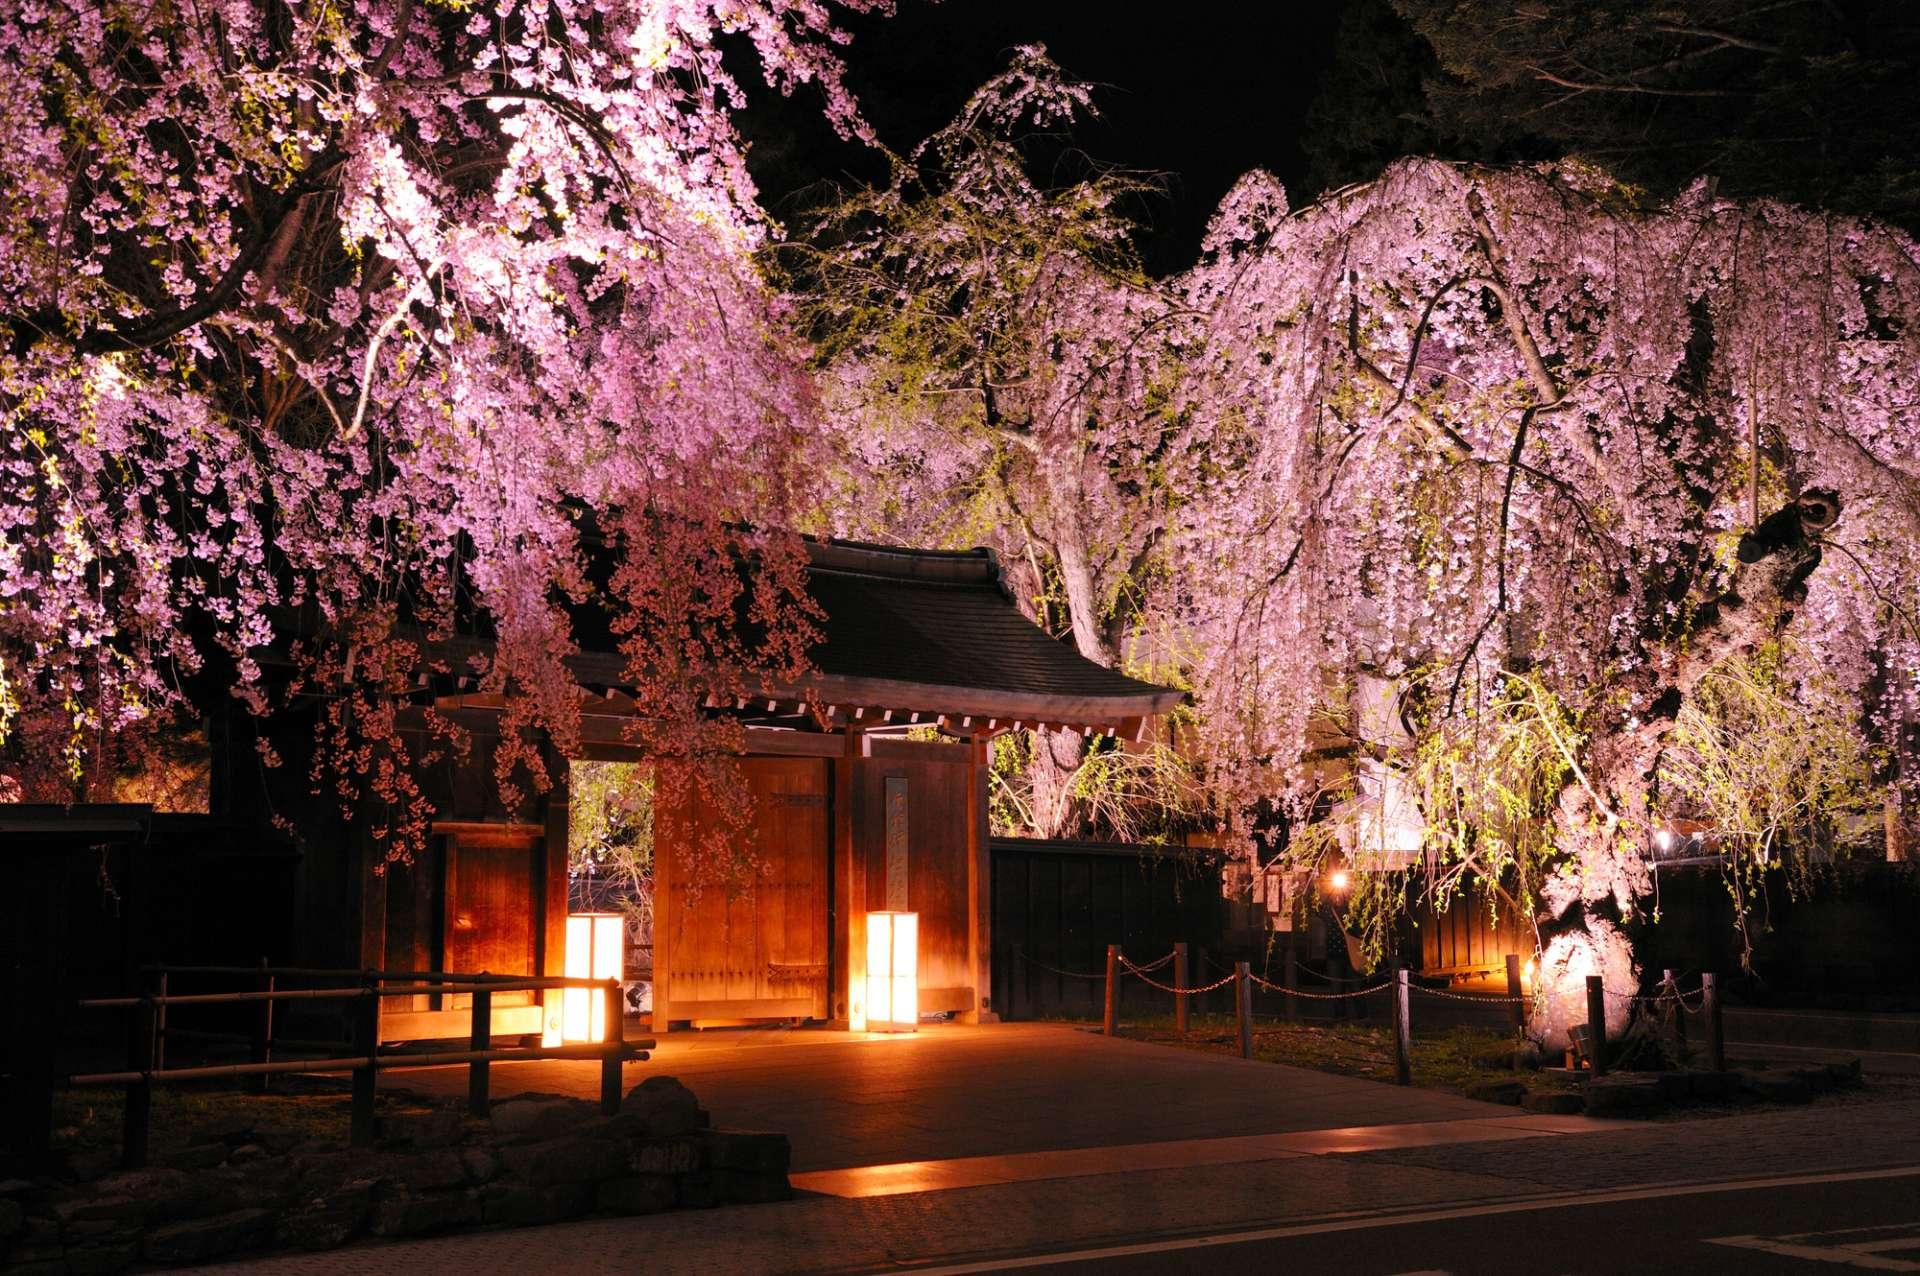 灯光映照下的樱花